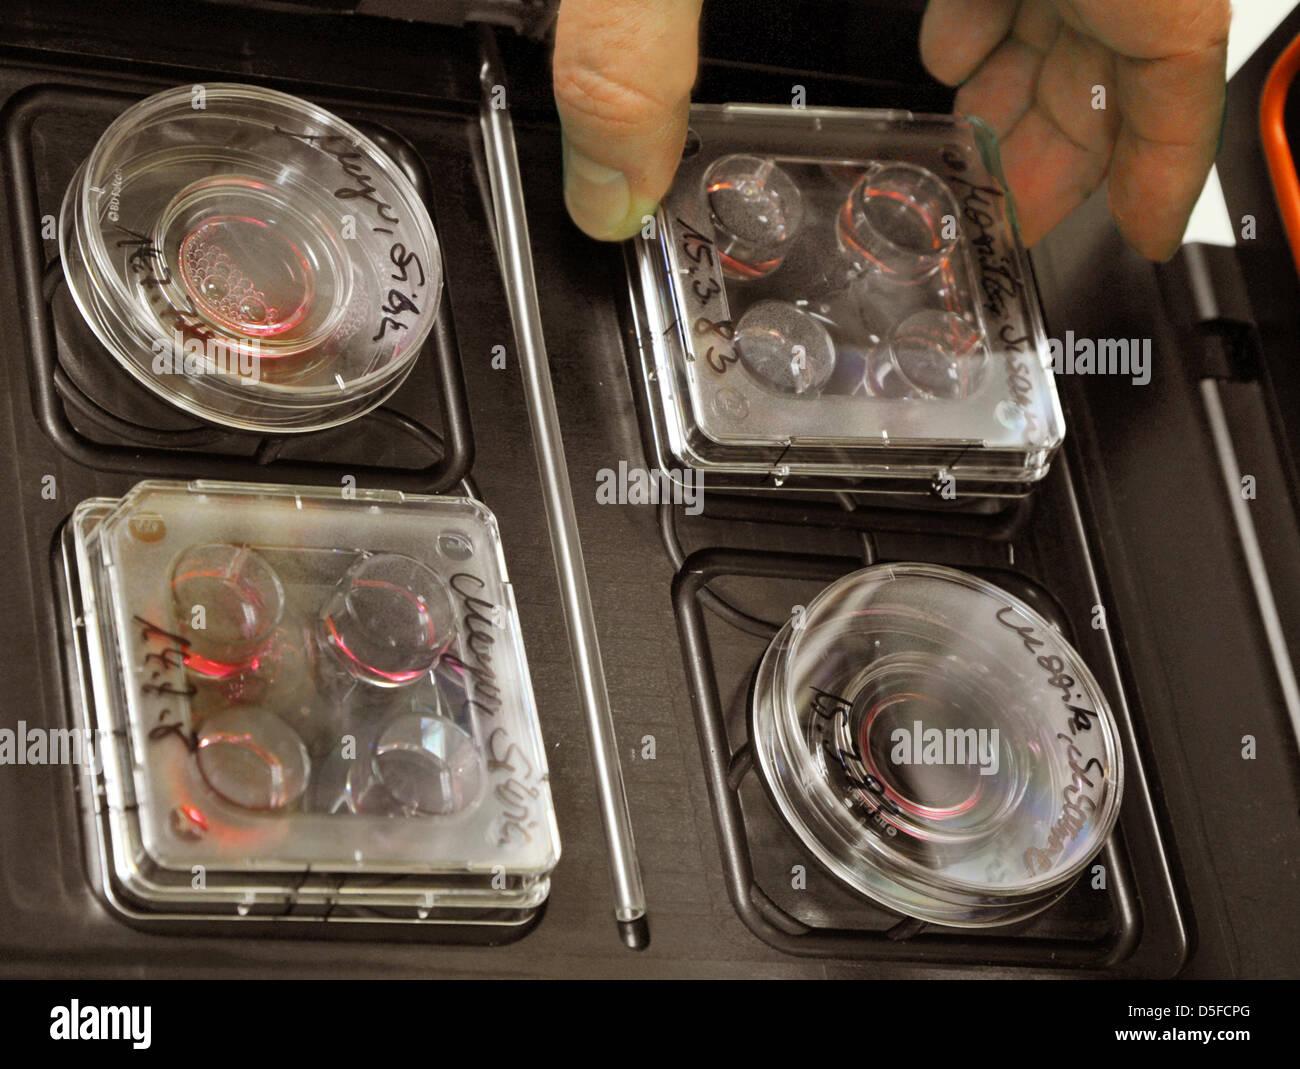 """Placas de Petri con cultivos celulares de embriones son destacados en el """"Centro para el deseo de tener hijos"""" en Leipzig, Alemania, el 30 de enero de 2013. Foto: Waltraud Grubitzsch Foto de stock"""